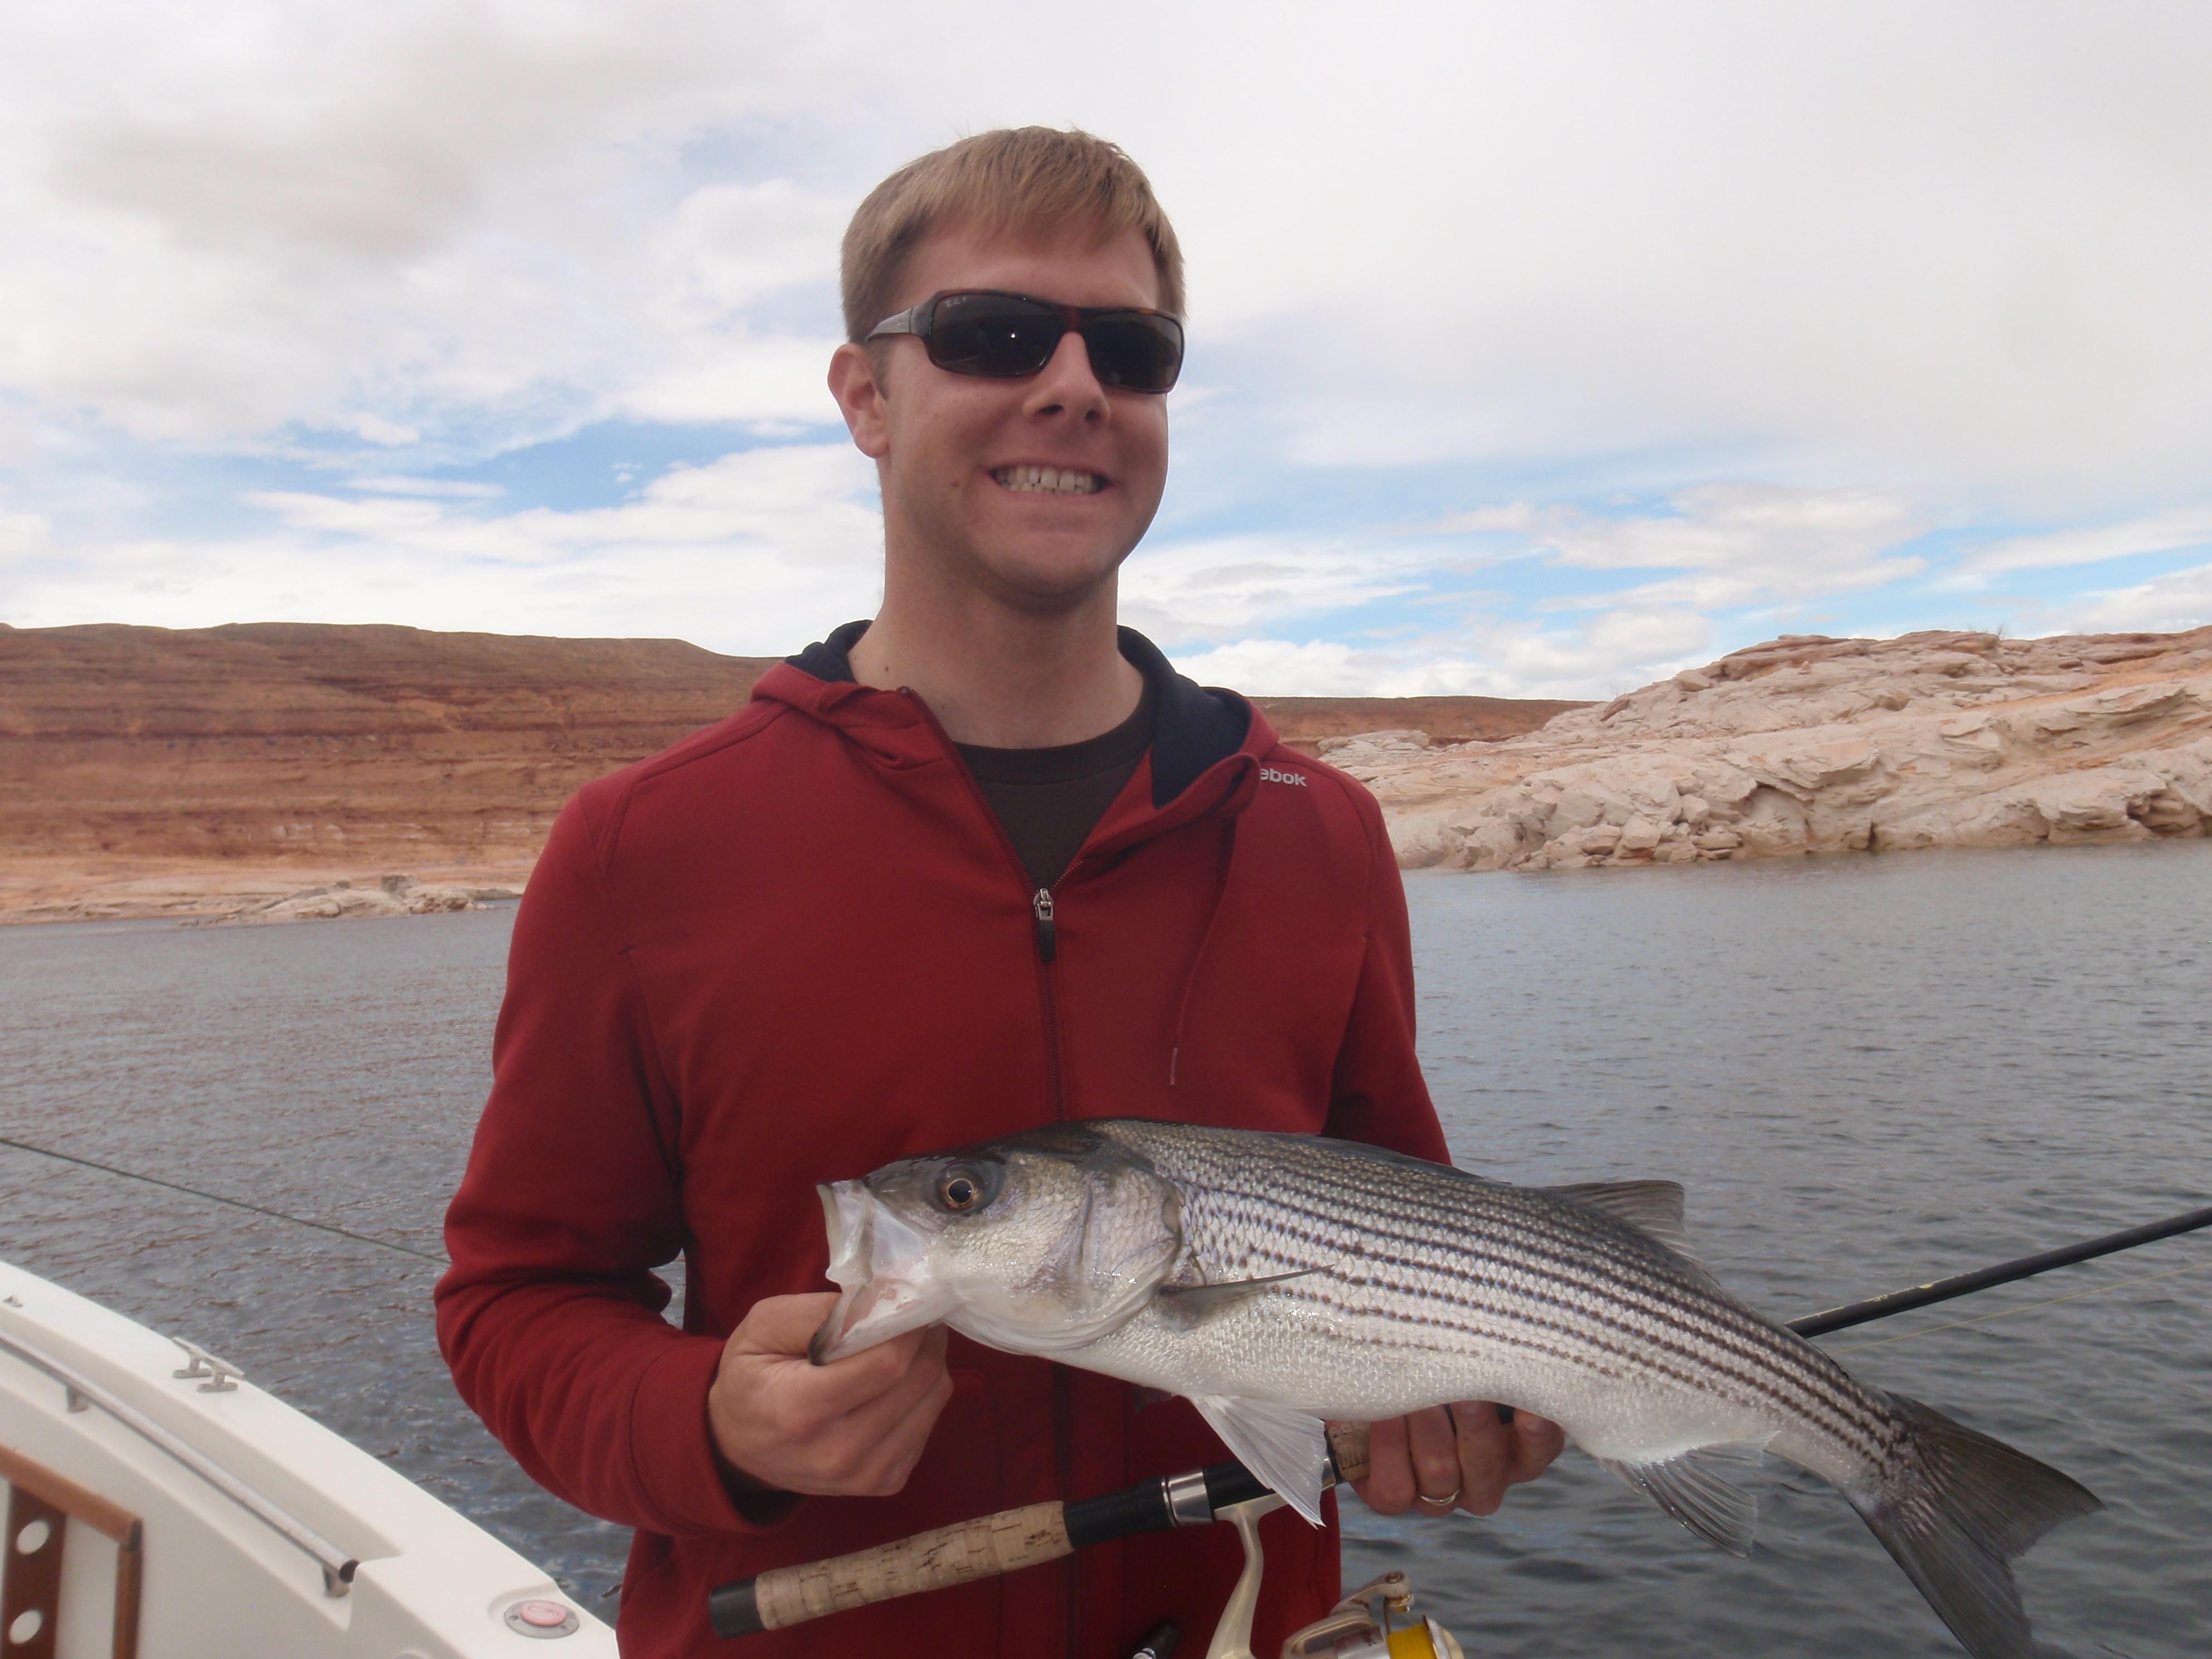 Lake powell fishing 4 12 13 ambassador guides at lake powell for Lake powell fishing